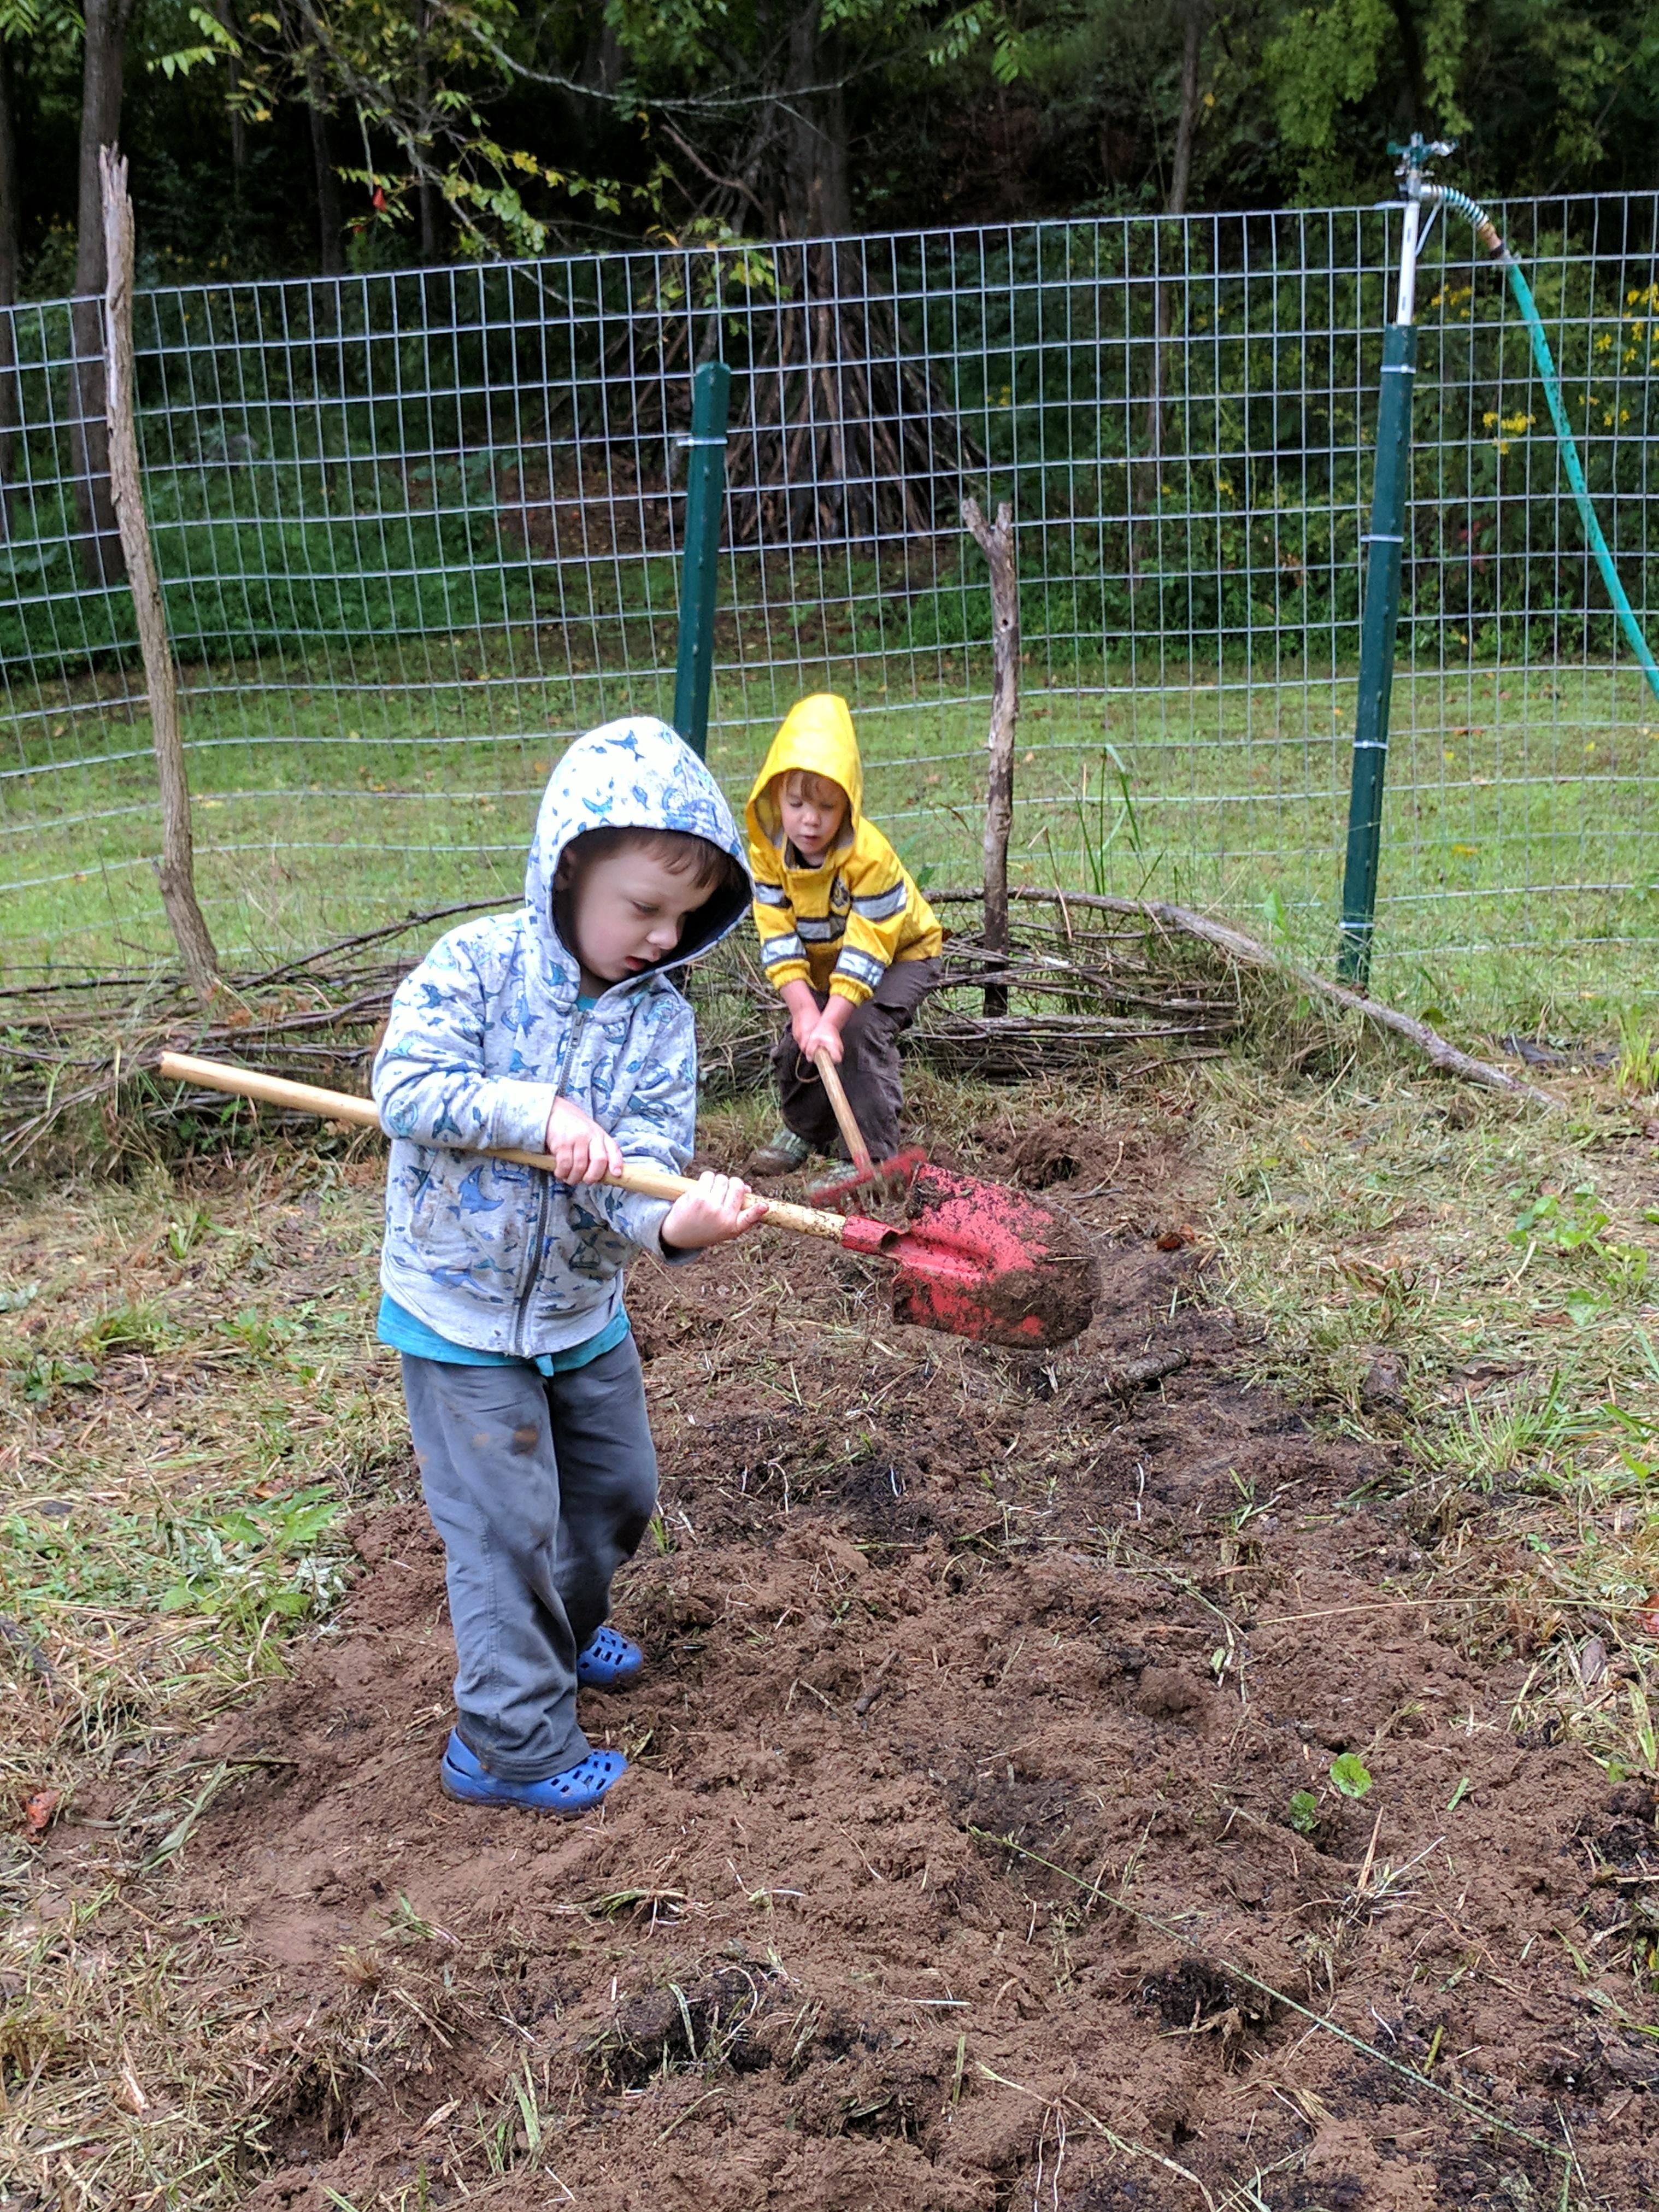 Ashevillefarmstead-kids-garden-sprouts-preschool